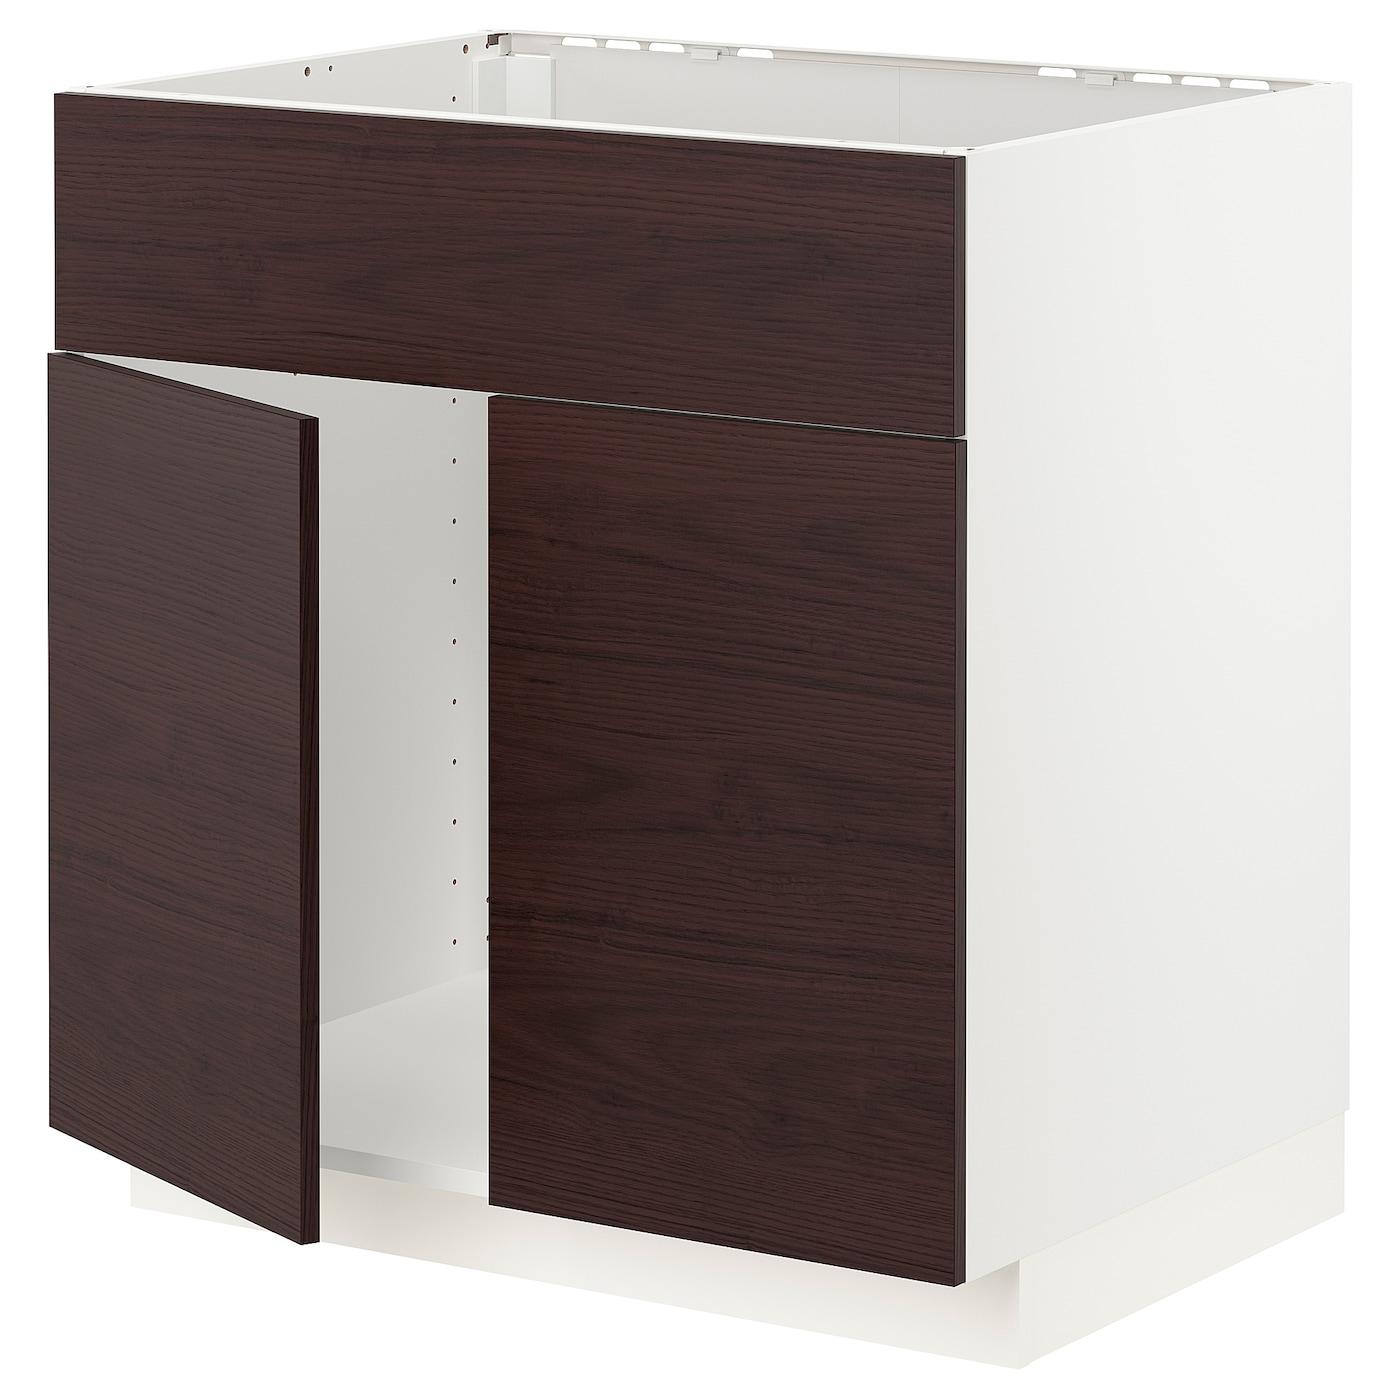 Ikea Kommode Dunkelbraun 2021